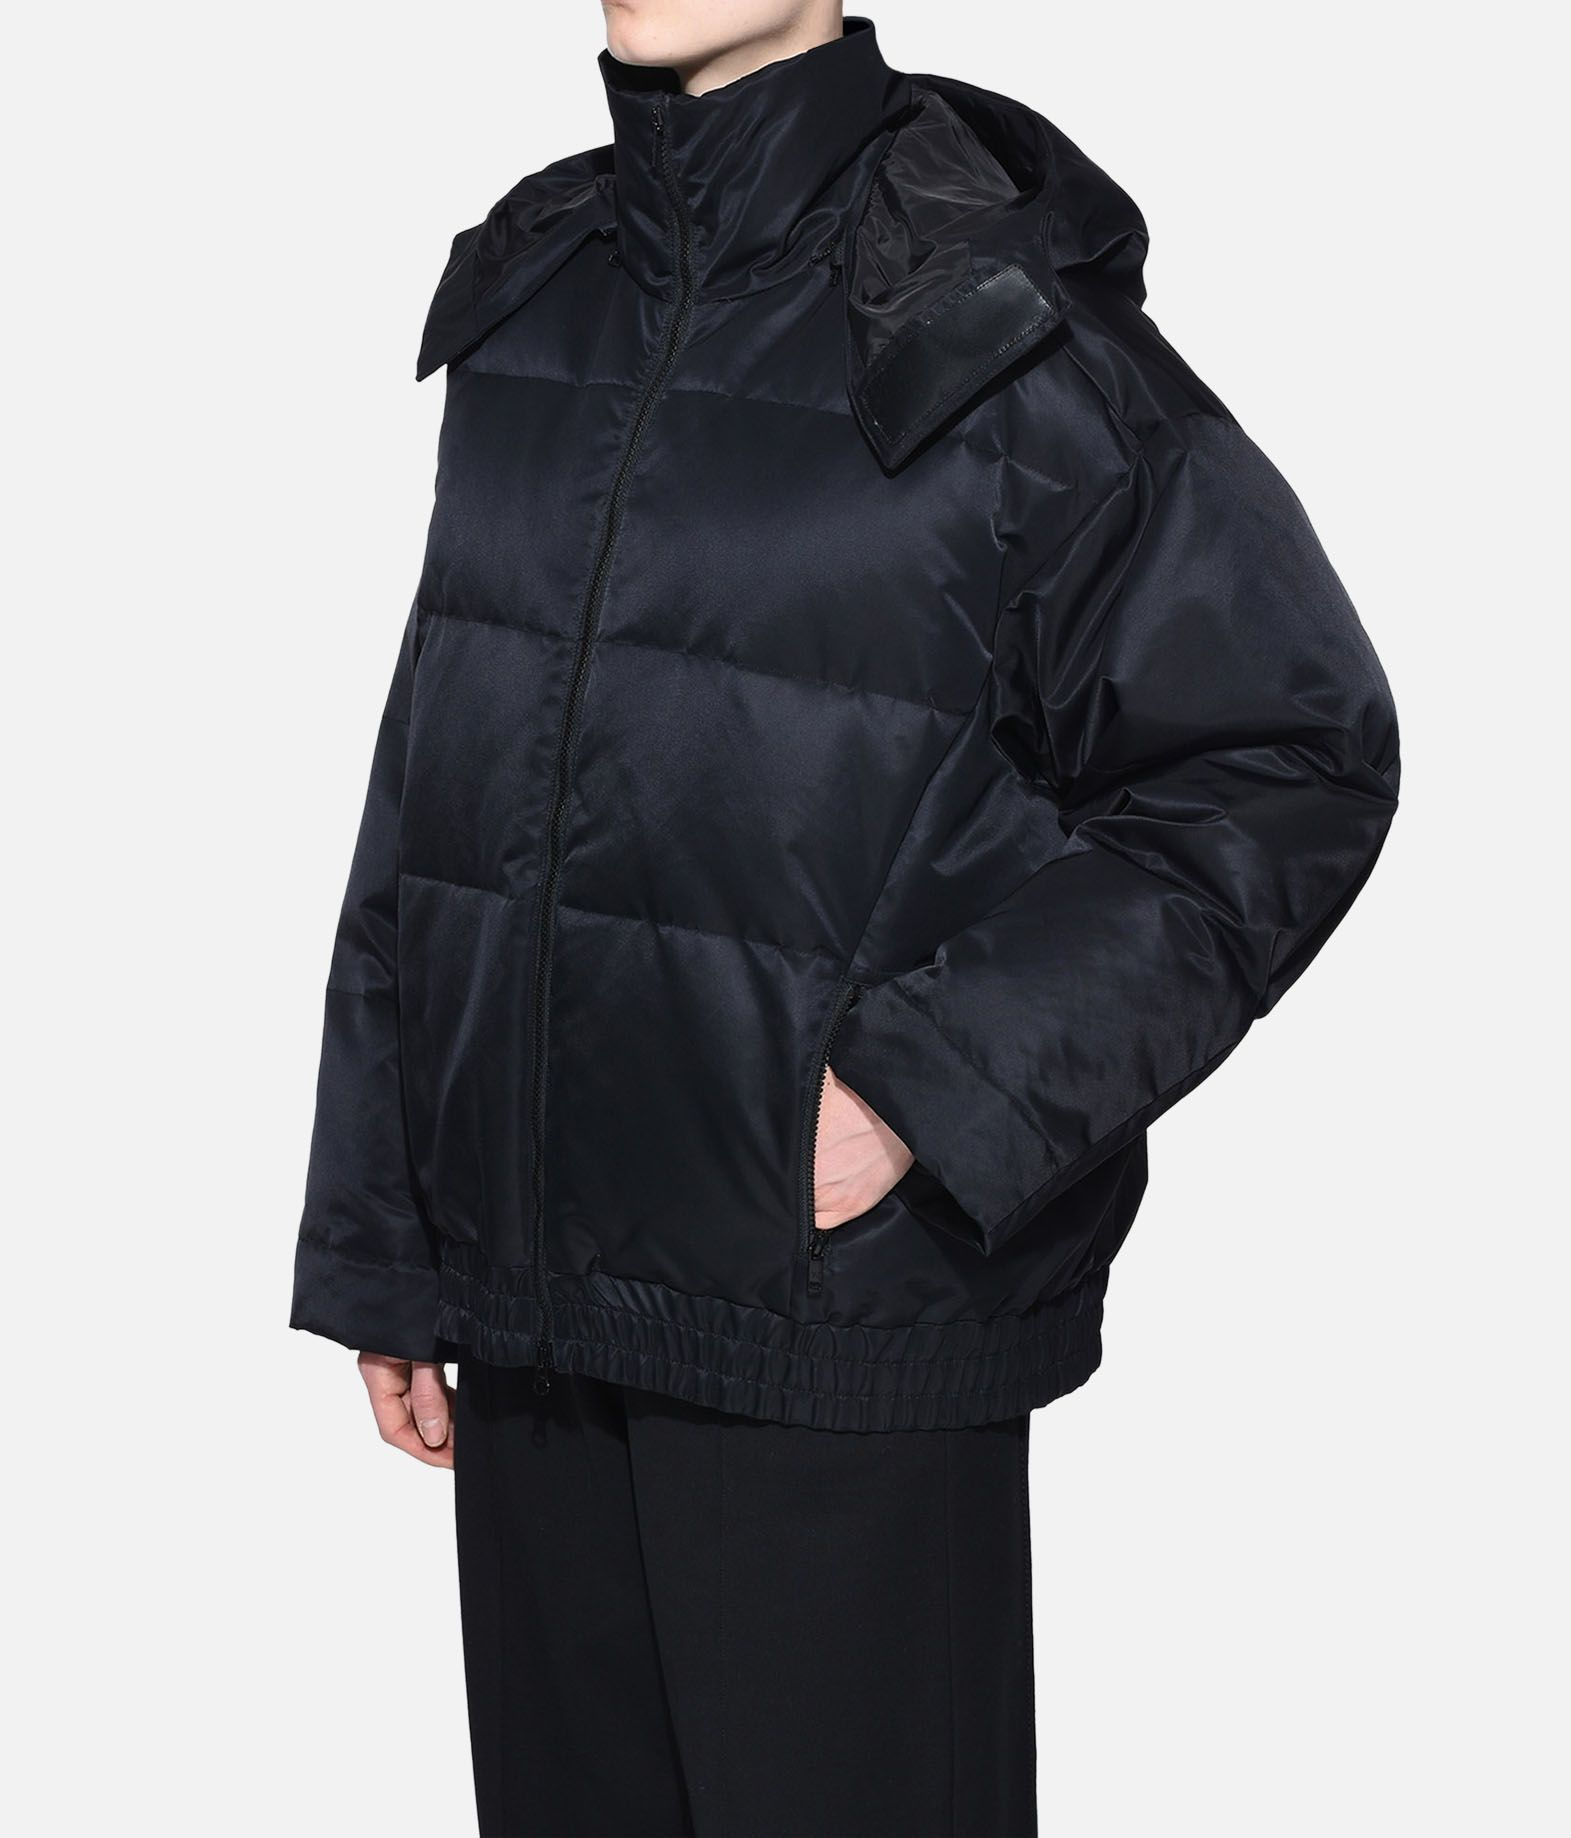 Y-3 Y-3 Down Hoodie Jacket Пуховик Для Женщин e